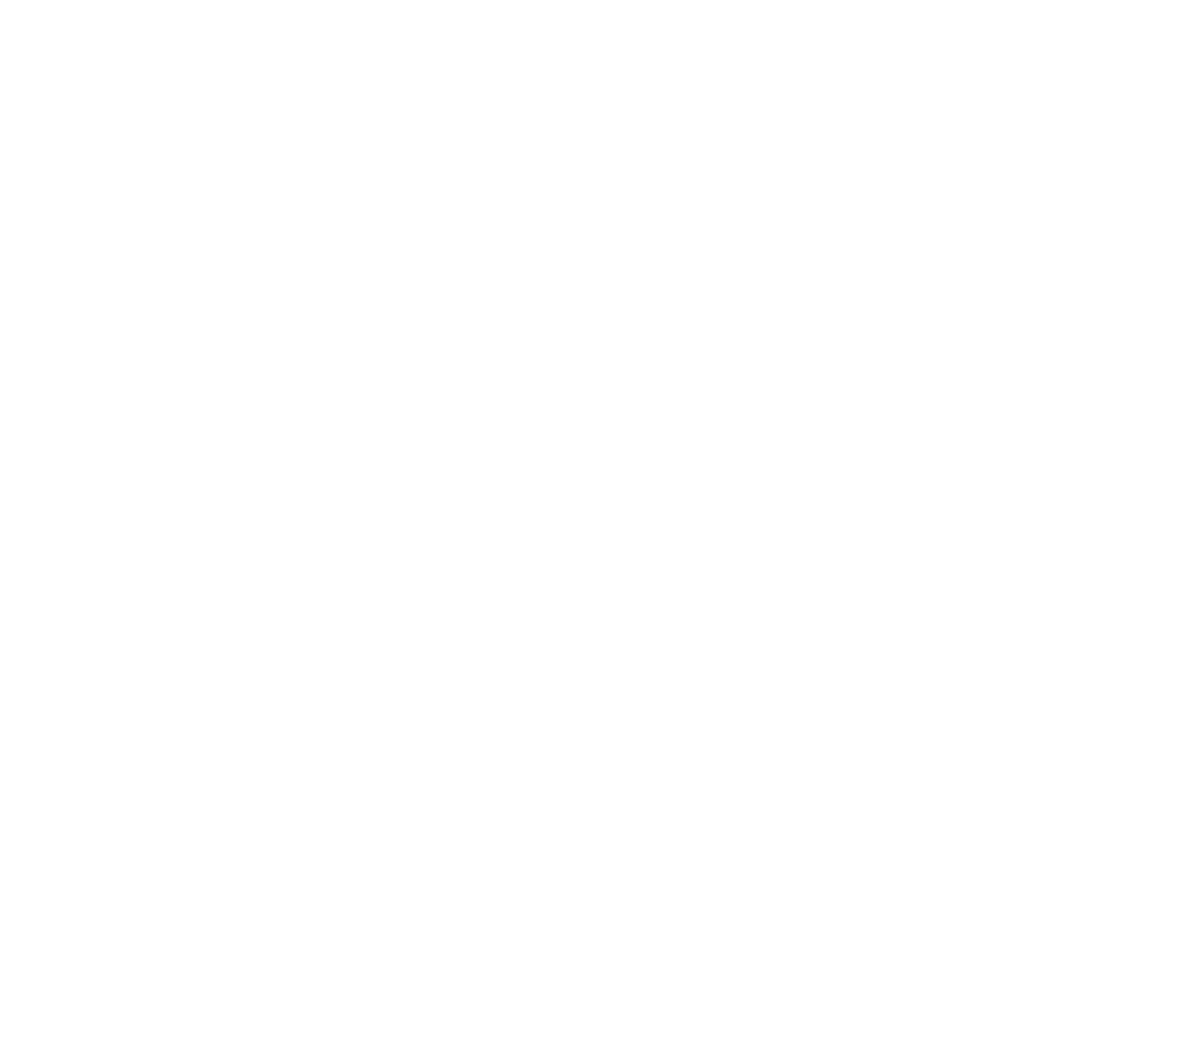 mouvement-rest-medium-03